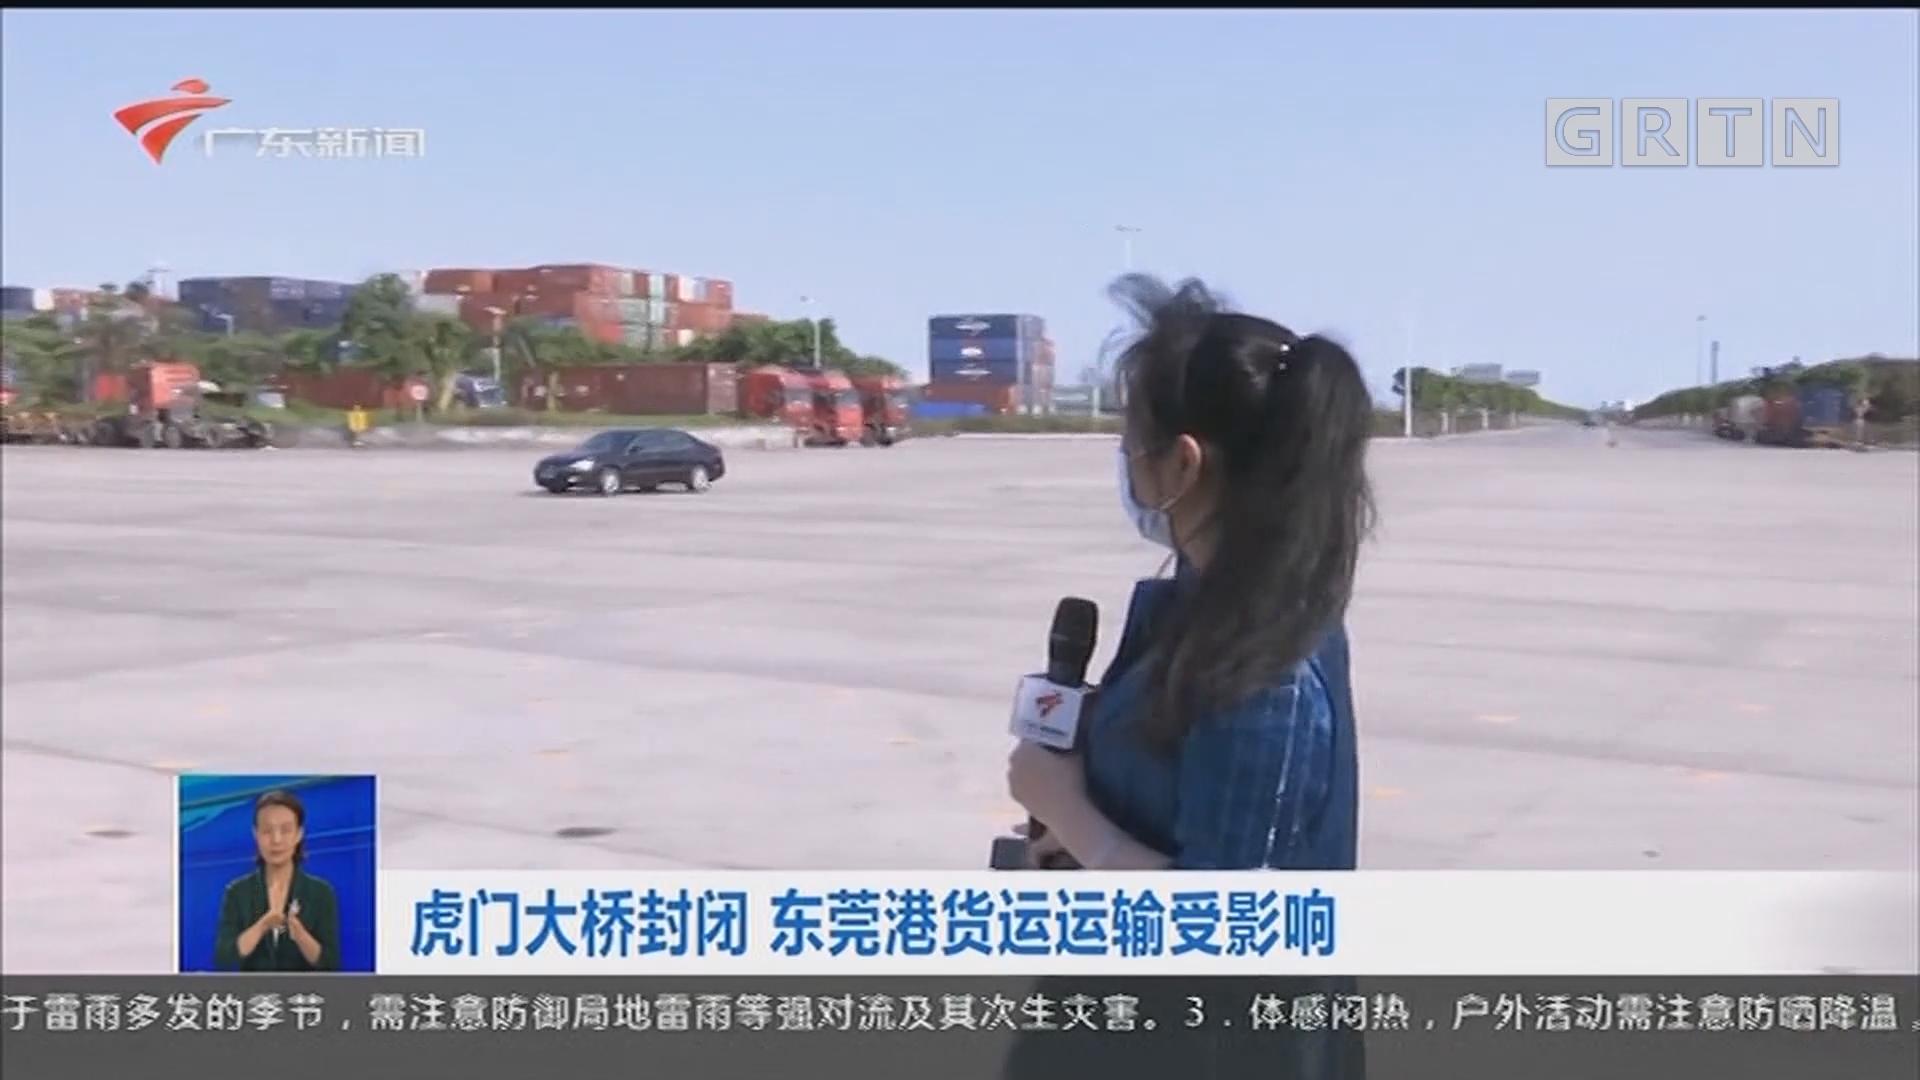 虎門大橋封閉 東莞港貨運運輸受影響